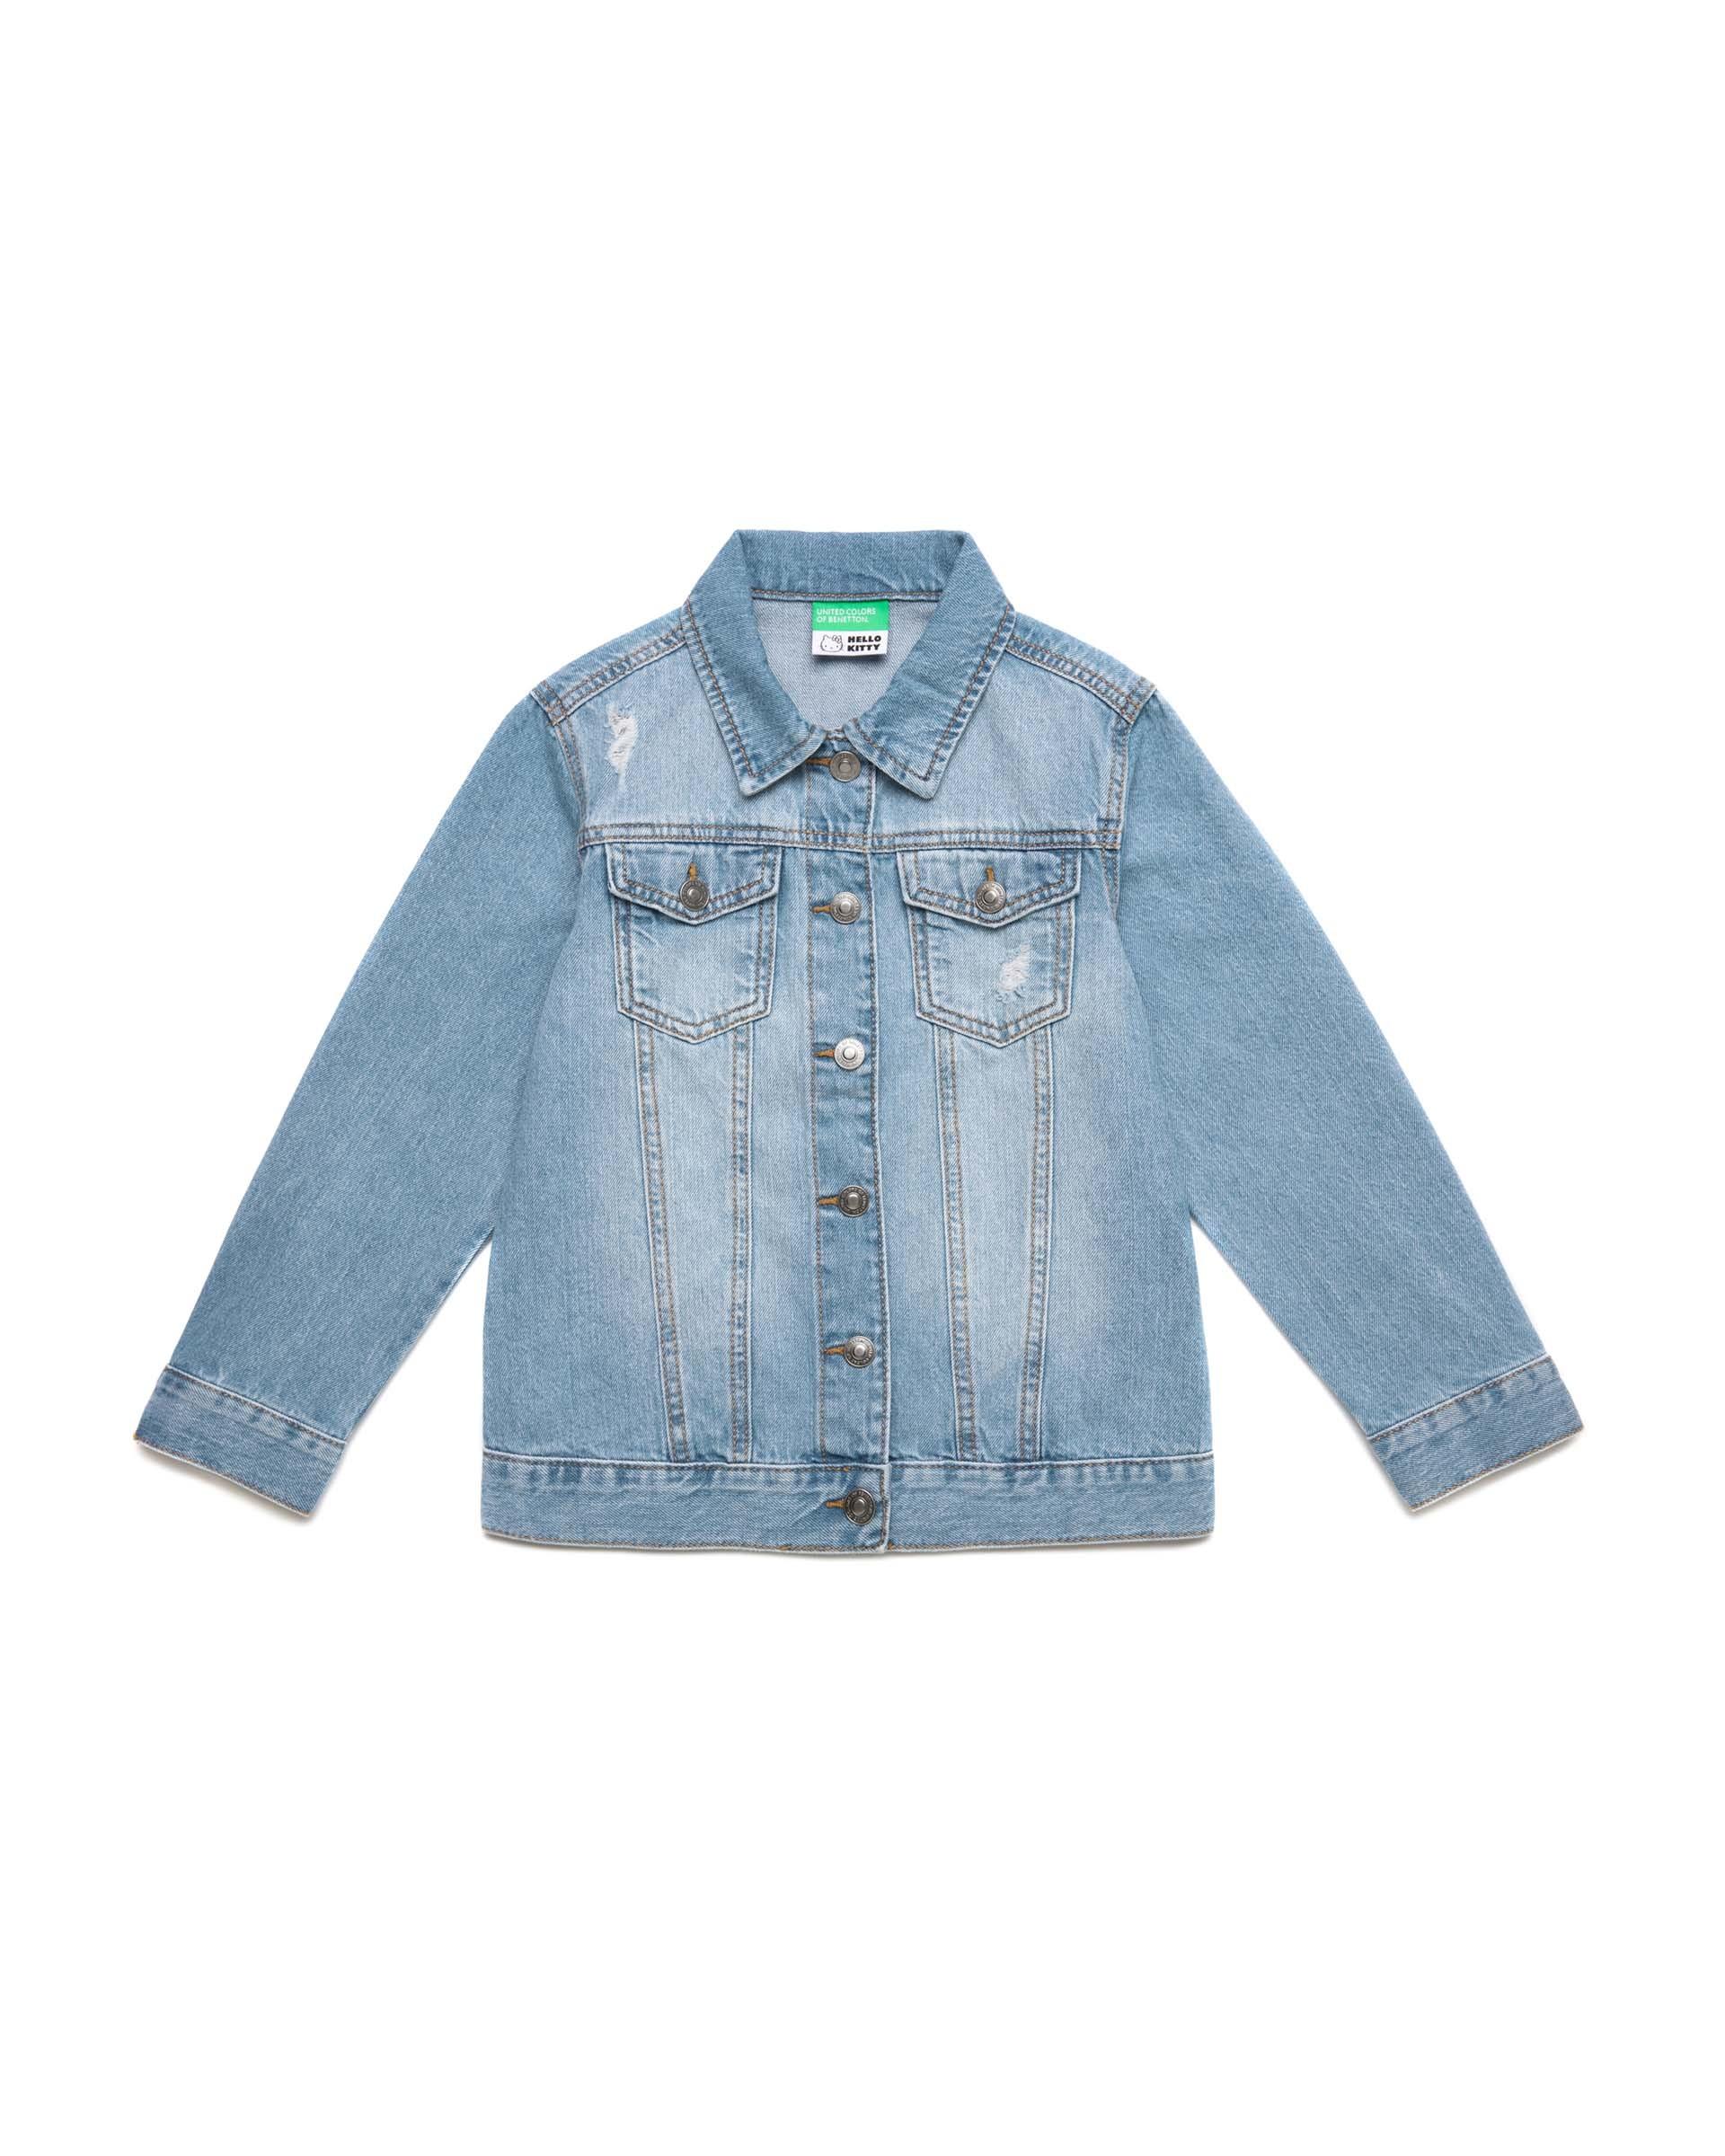 Купить 20P_2DW253IB0_901, Джинсовая куртка для девочек Benetton 2DW253IB0_901 р-р 140, United Colors of Benetton, Куртки для девочек